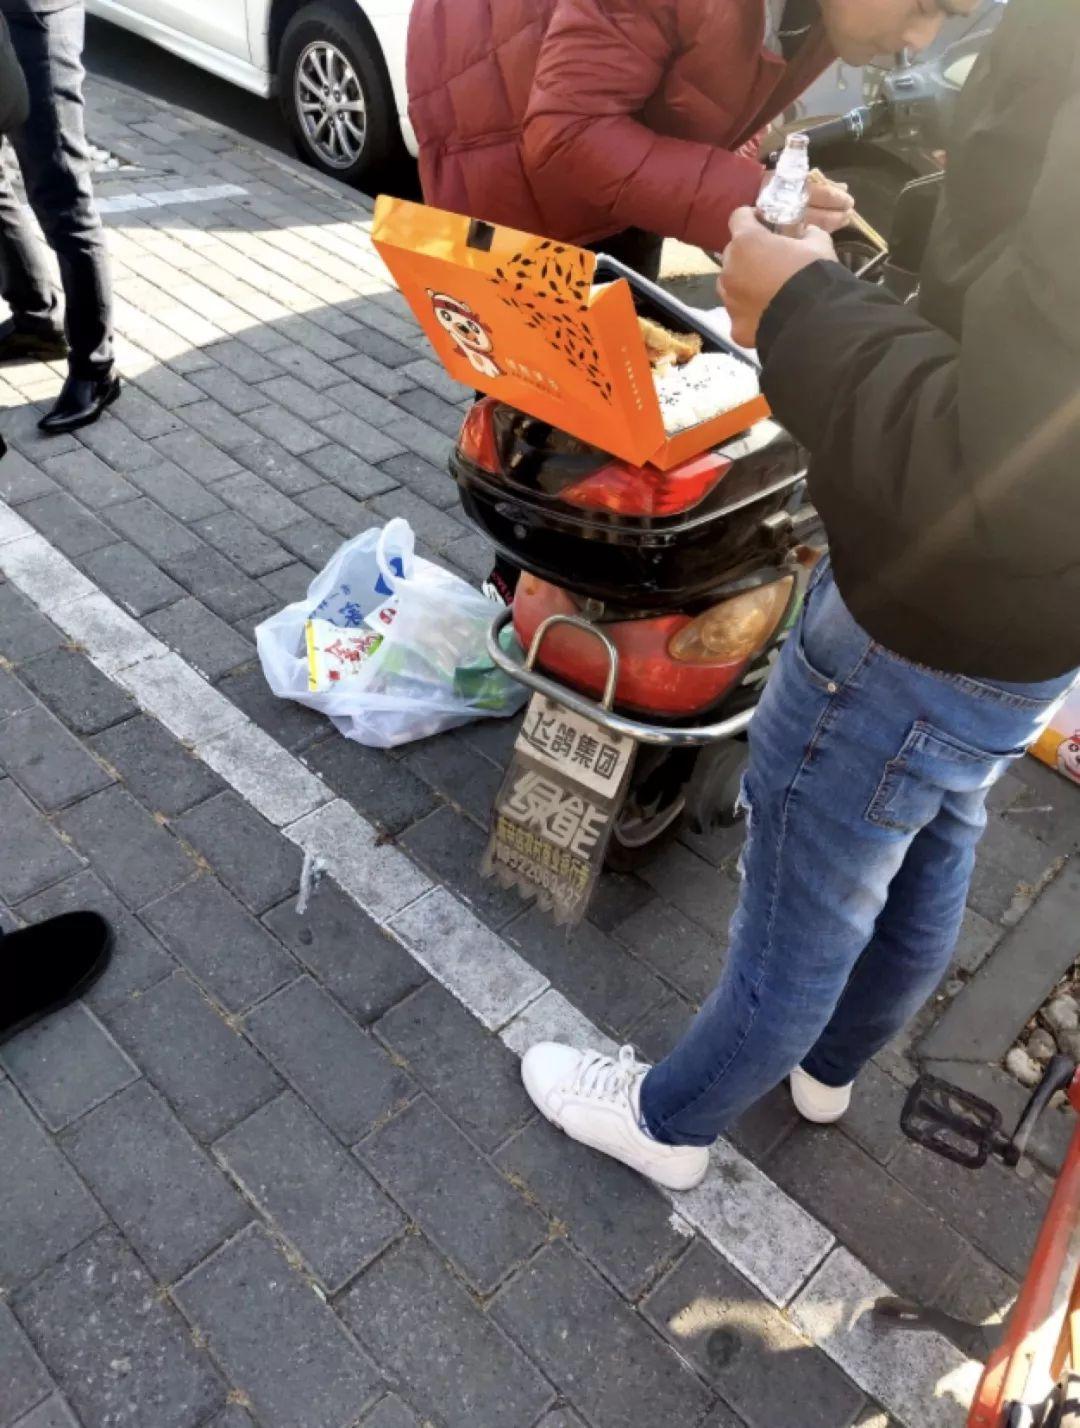 锤子供应商的讨债路:吃着盒饭、轮班倒的照片 - 4